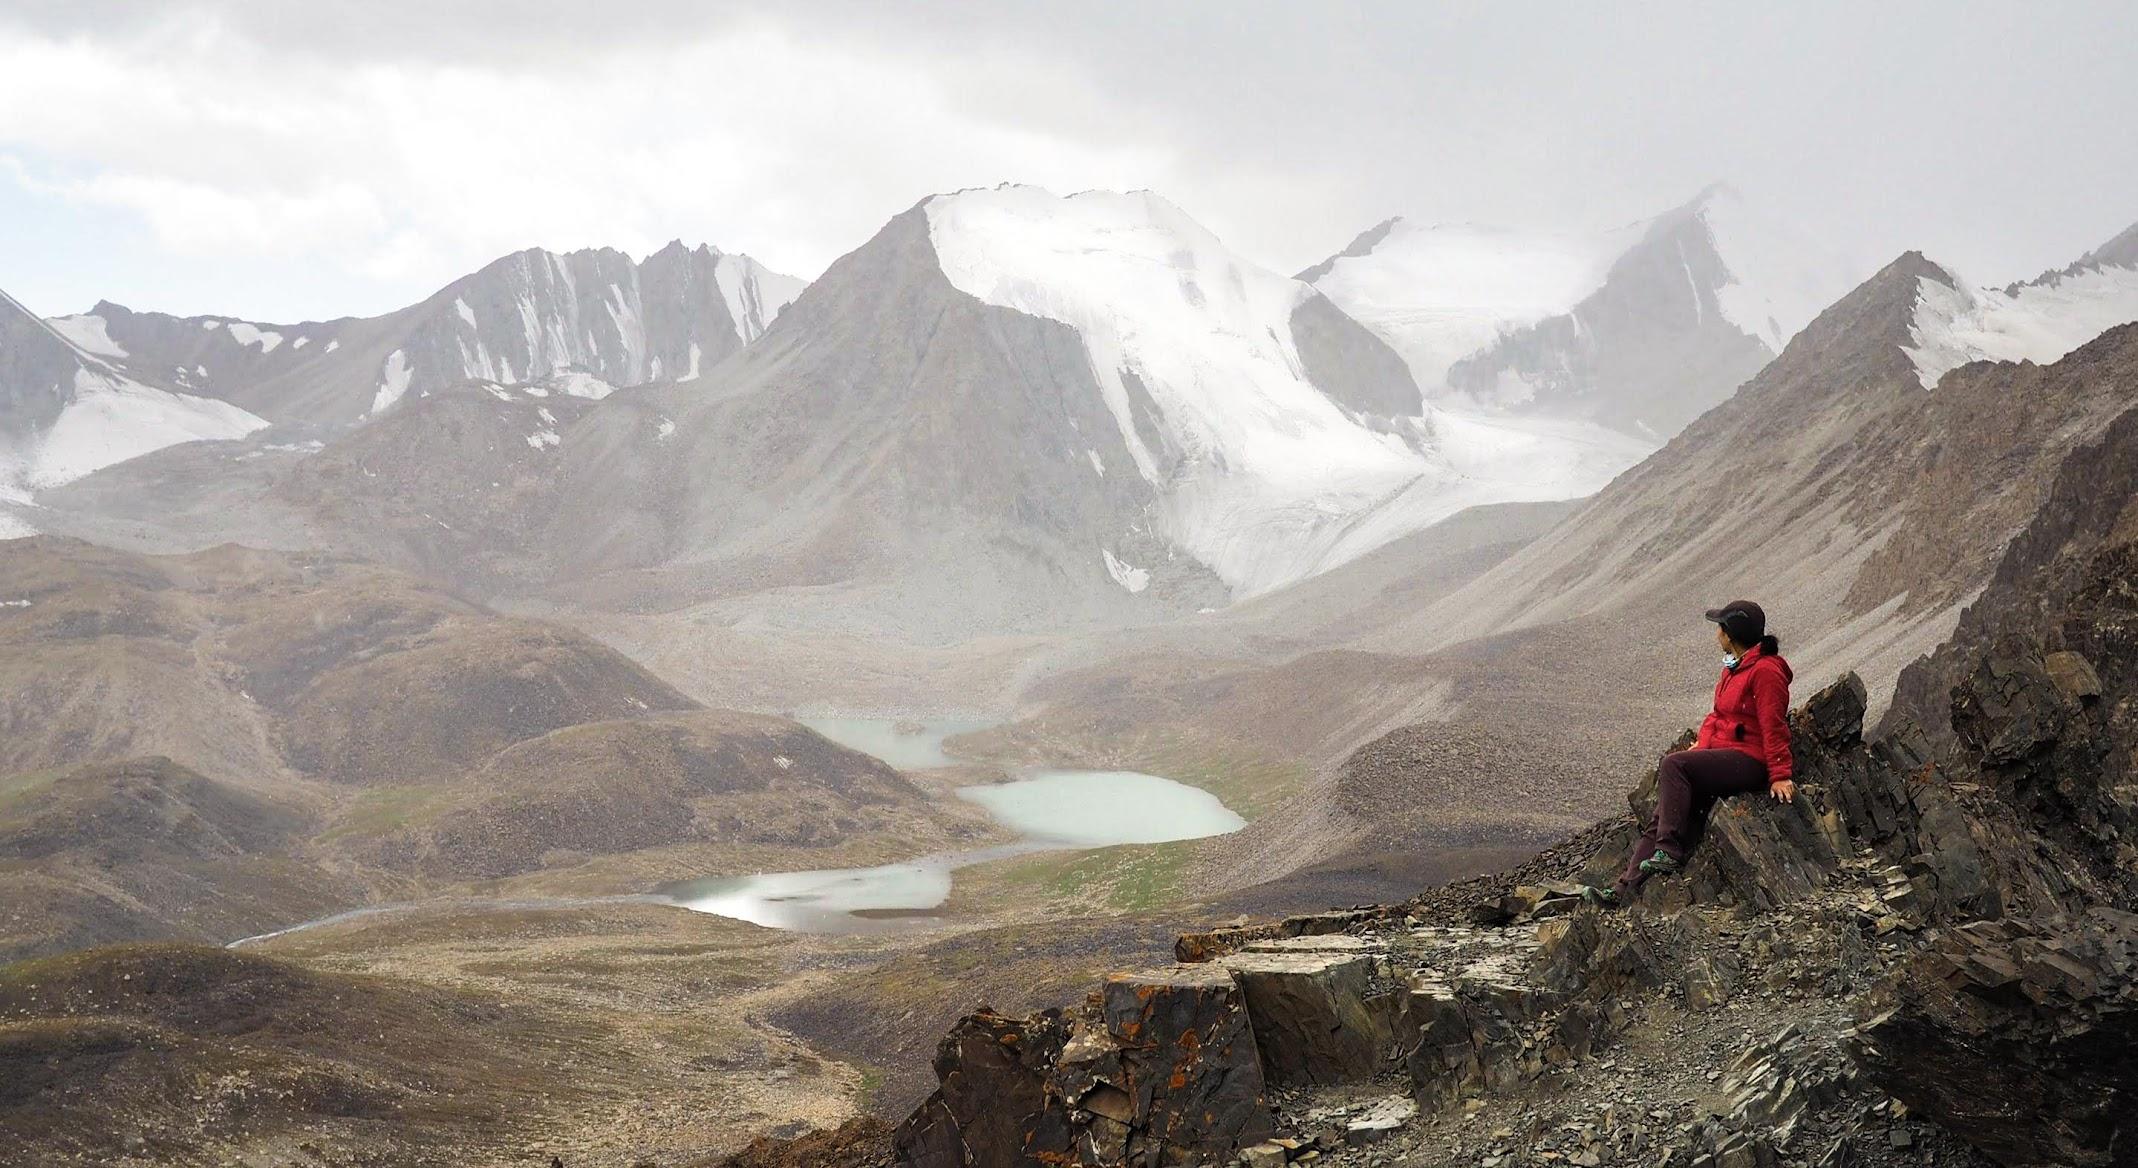 Sary Mogul pass